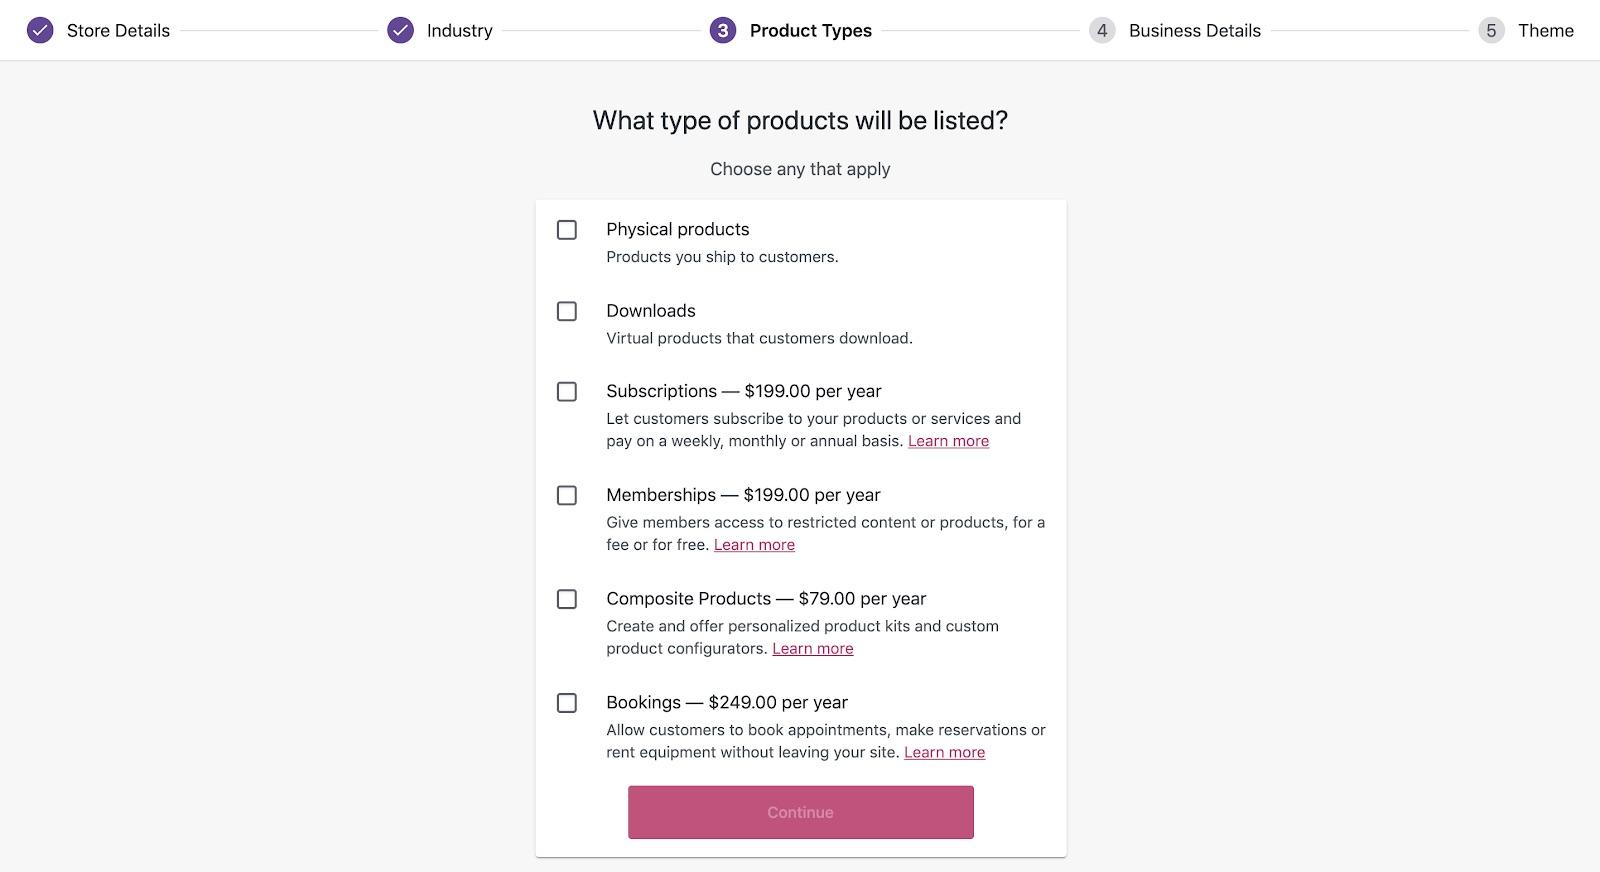 WordPress yönetim paneli WooCommerce Ürün Türleri formu ekran görüntüsü